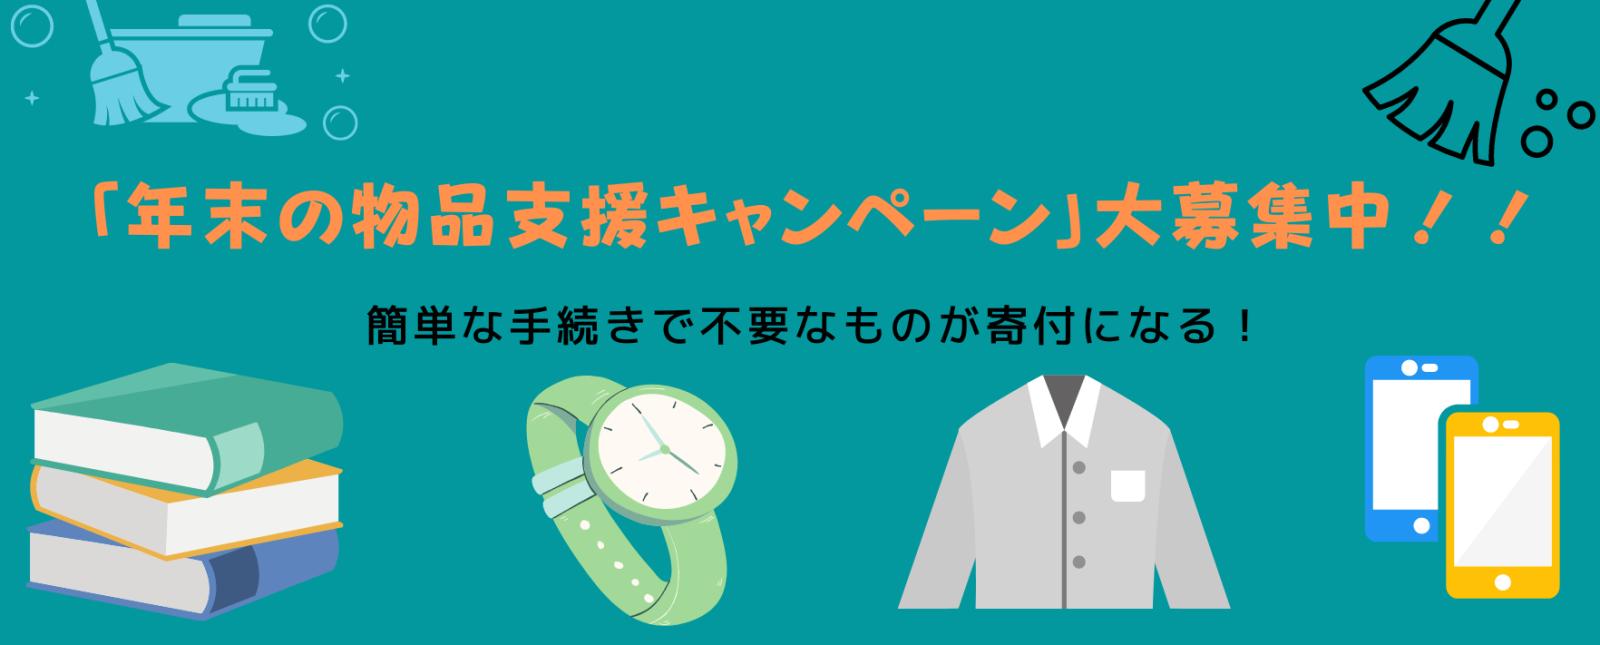 【大掃除・年賀状の時期】「年末年始の物品支援キャンペーン」実施中!